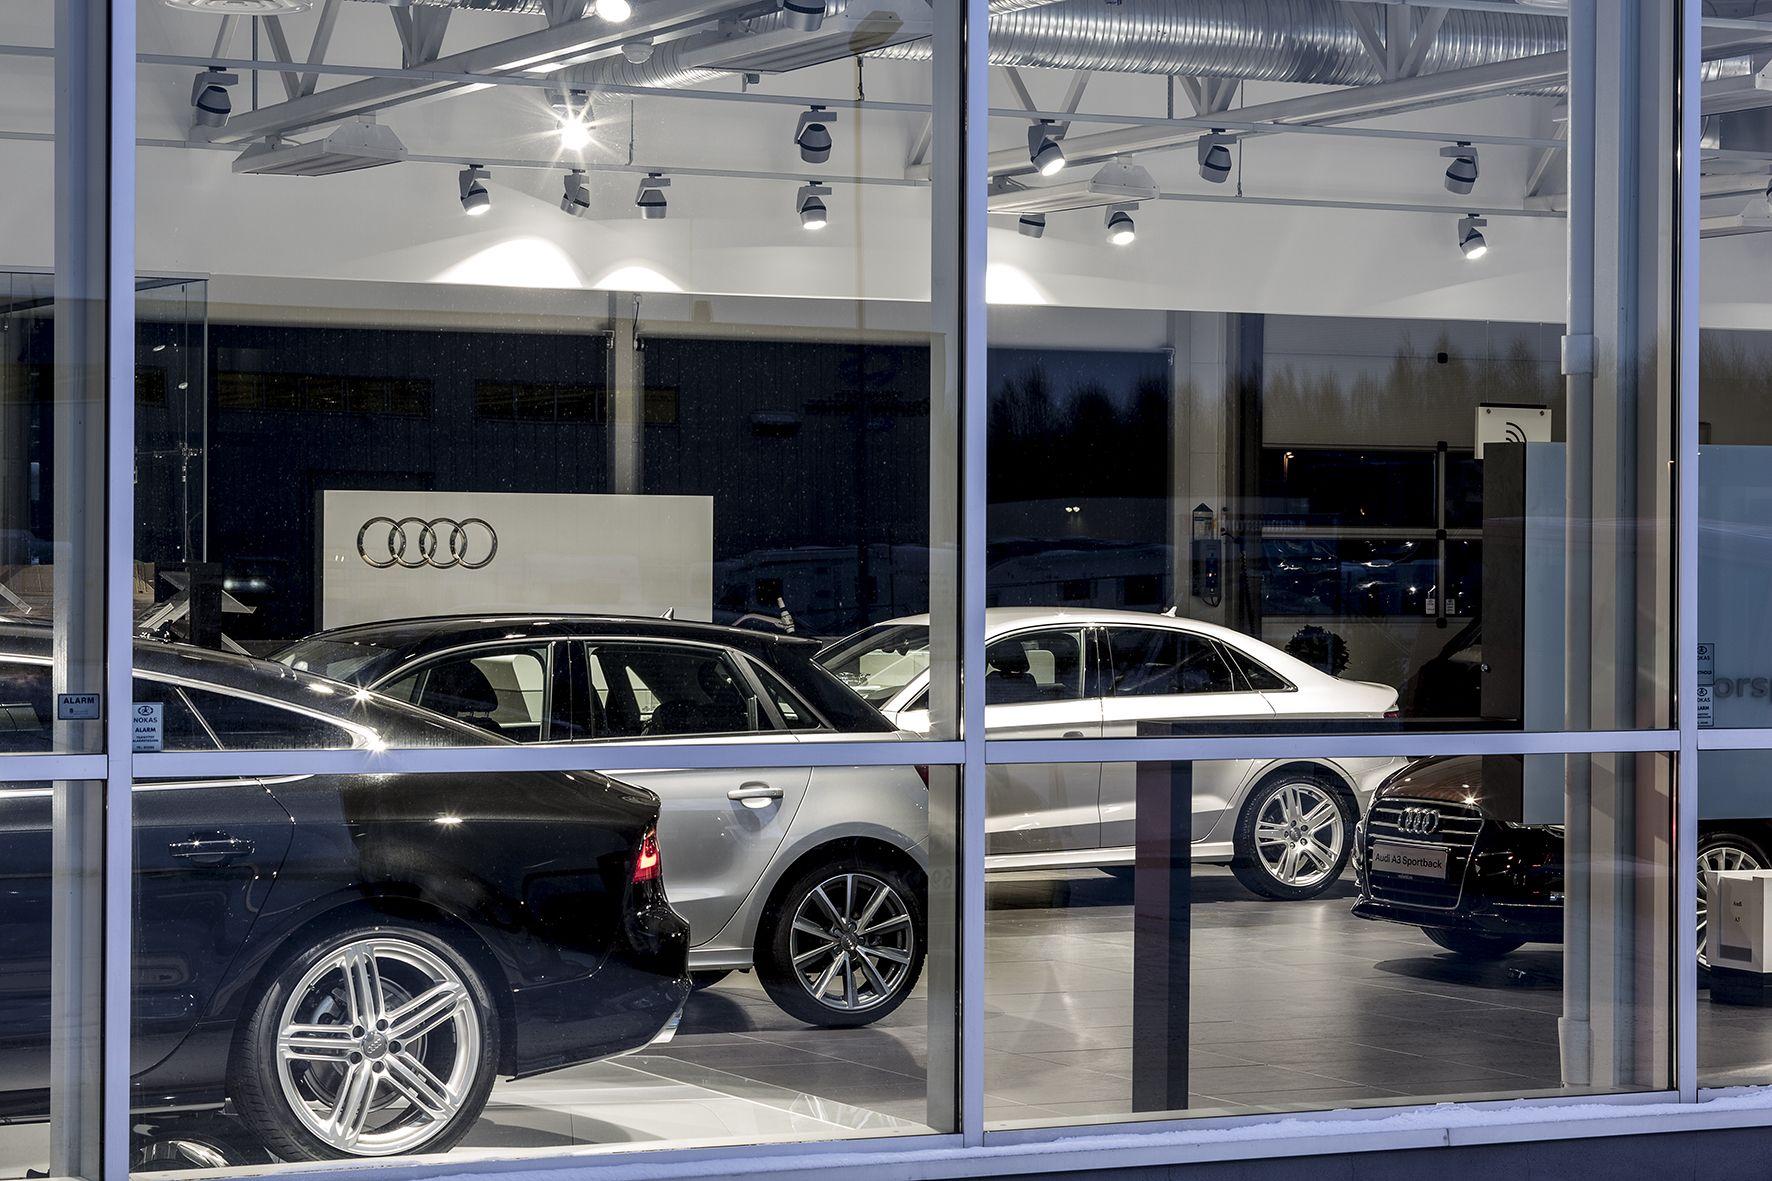 Audi Moller Bil Jessheim Norway Light Retail Licht Beleuchtung Beleuchtung Licht Edeka